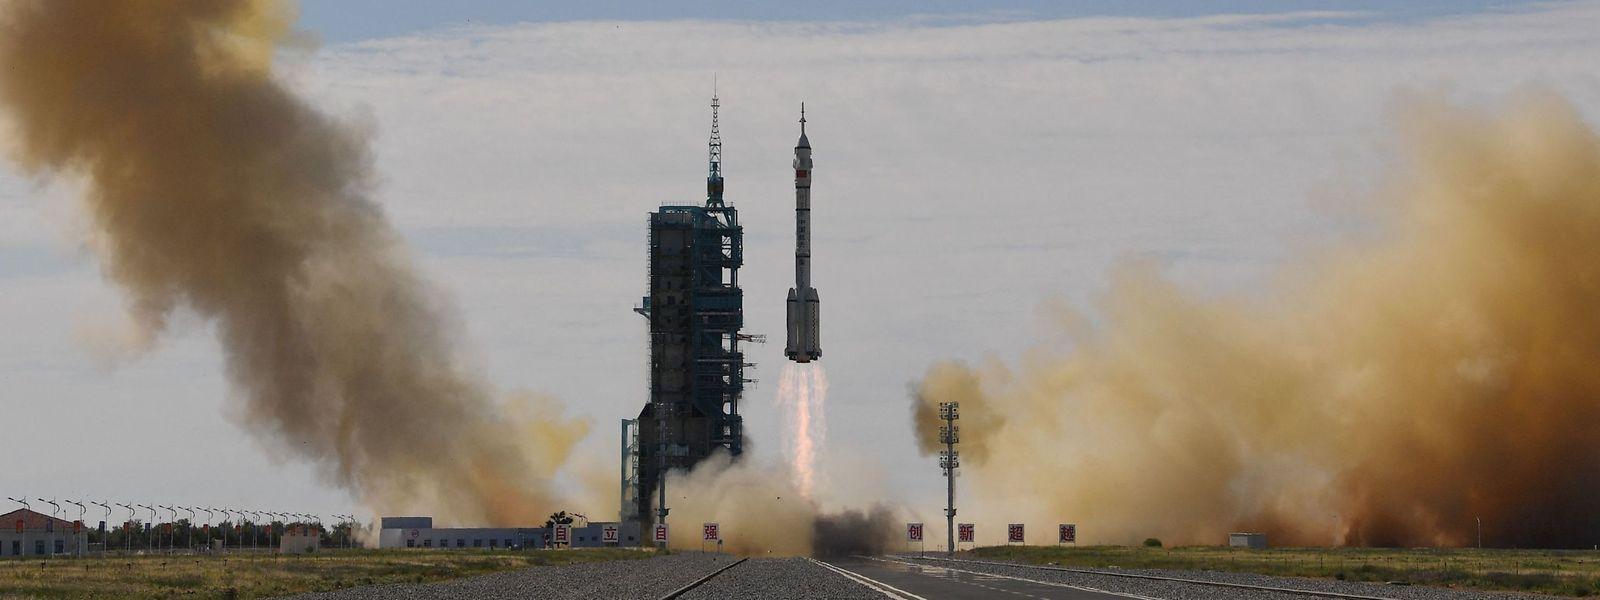 Nach etwa 10 Minuten erreichten sie die Umlaufbahn und das Raumschiff trennte sich von der Trägerrakete ab.